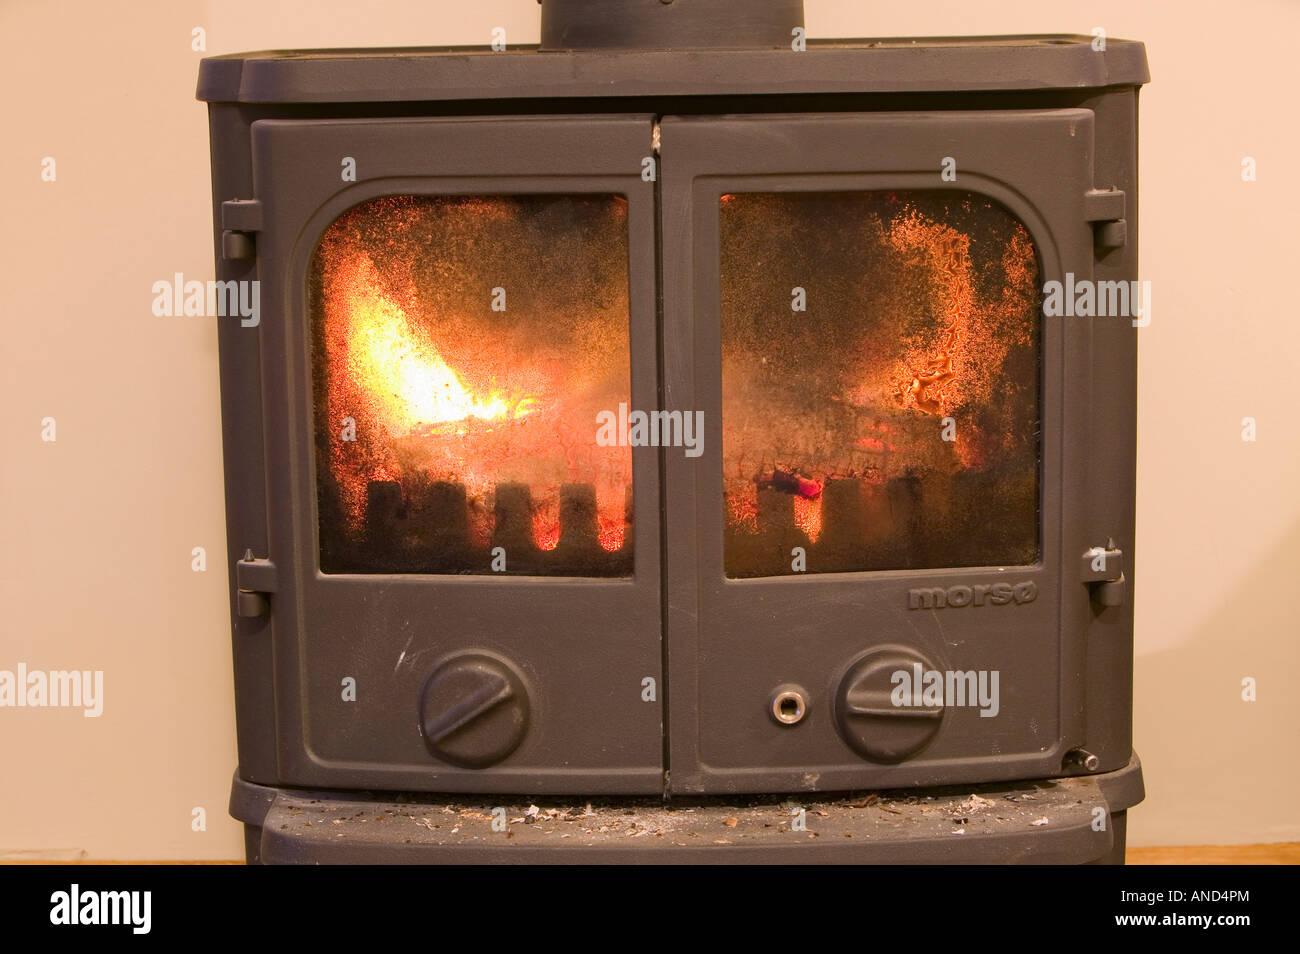 Como calentar la casa perfect burletes en puertas y ventanas calentar la casa with como - Como calentar la casa ...